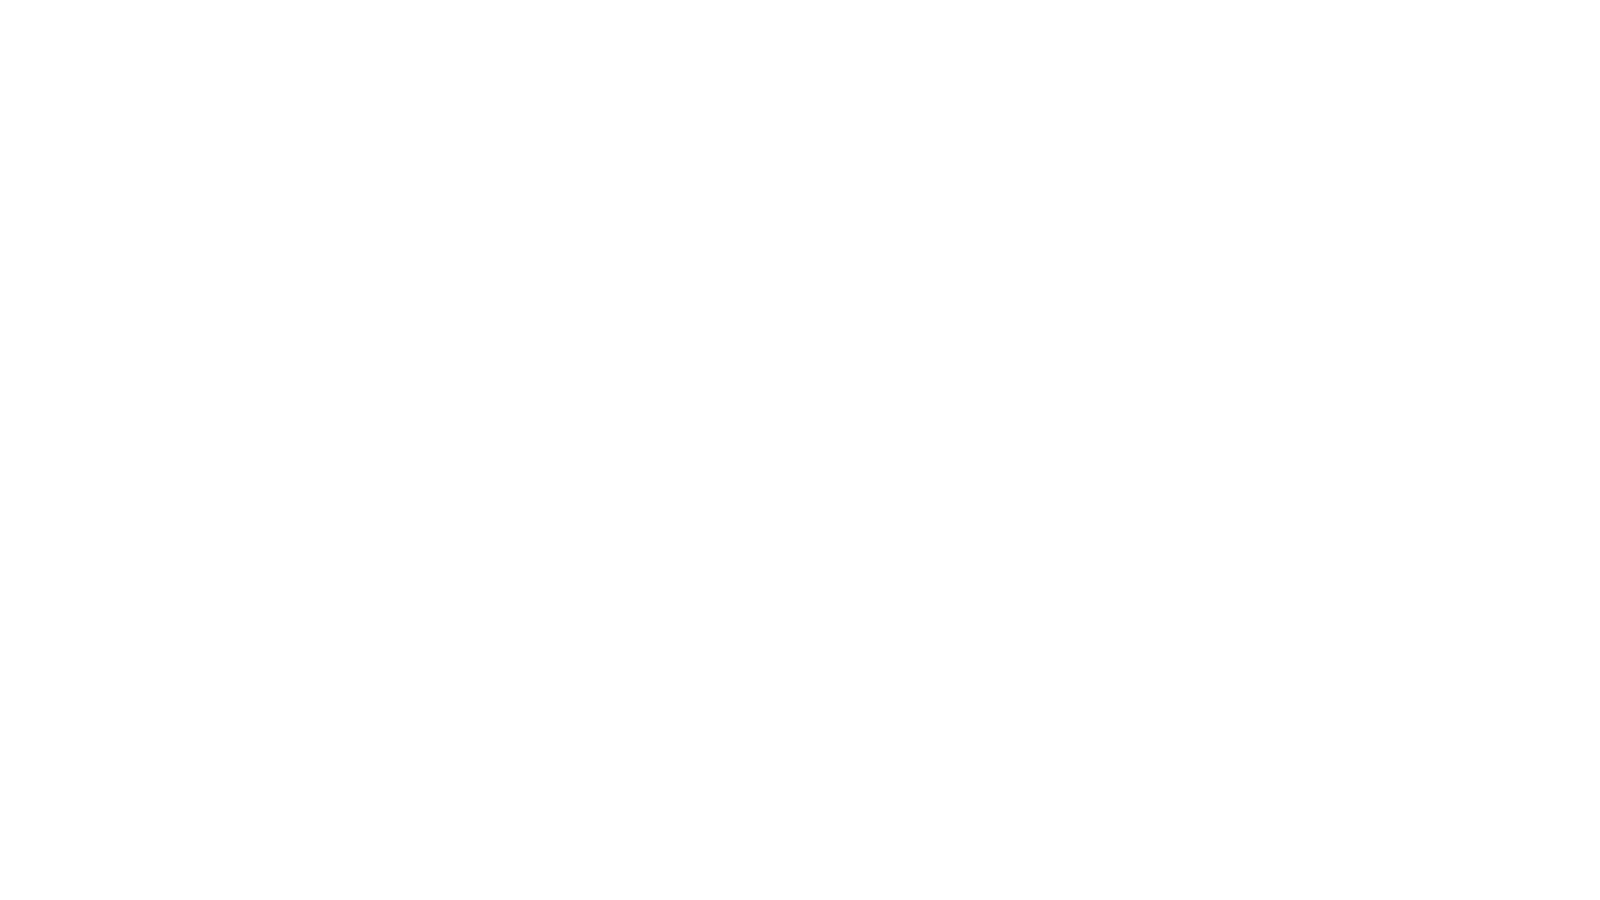 """Was braucht man zum """"Runterkommen"""" im hektischen Alltag? Yoga im Dunkeln, eine Schweigeseminar oder ein Wochenende auf dem Berg? Ist nicht ein Gebet viel besser, oder komme als gläubiger Christ eher als Sonderling rüber...    Mit Dr. Matthias Büttner Musik: Ulrike Walch Konzeption und Umsetzung: neigenfind.org"""